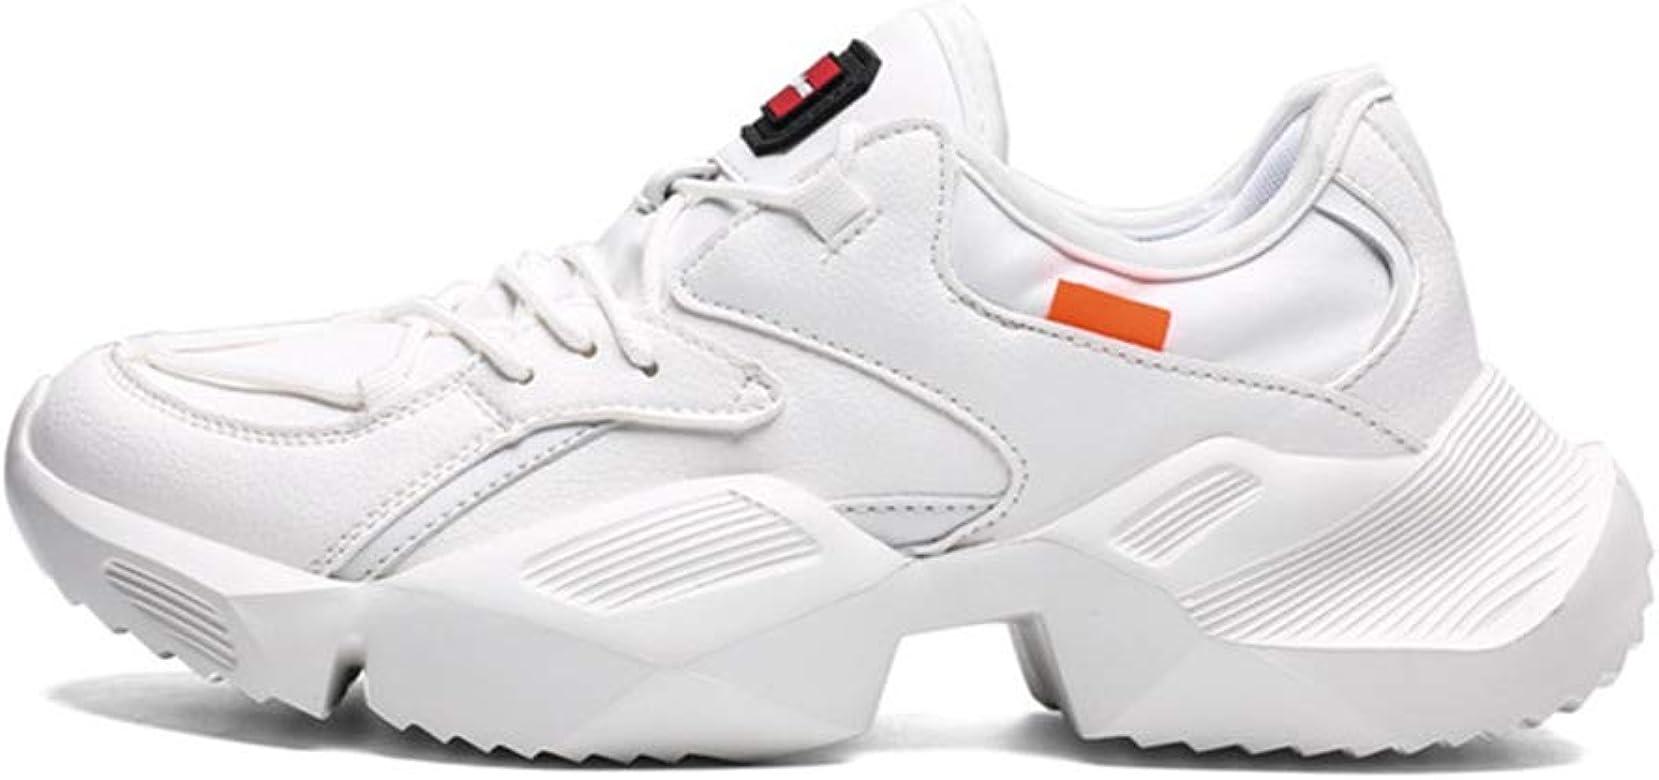 Zapatillas Deportivas para Hombre Zapatillas de Deporte Transpirables Impermeables Ligeras con Cordones para Caminar Zapatillas de Correr para Correr: Amazon.es: Zapatos y complementos